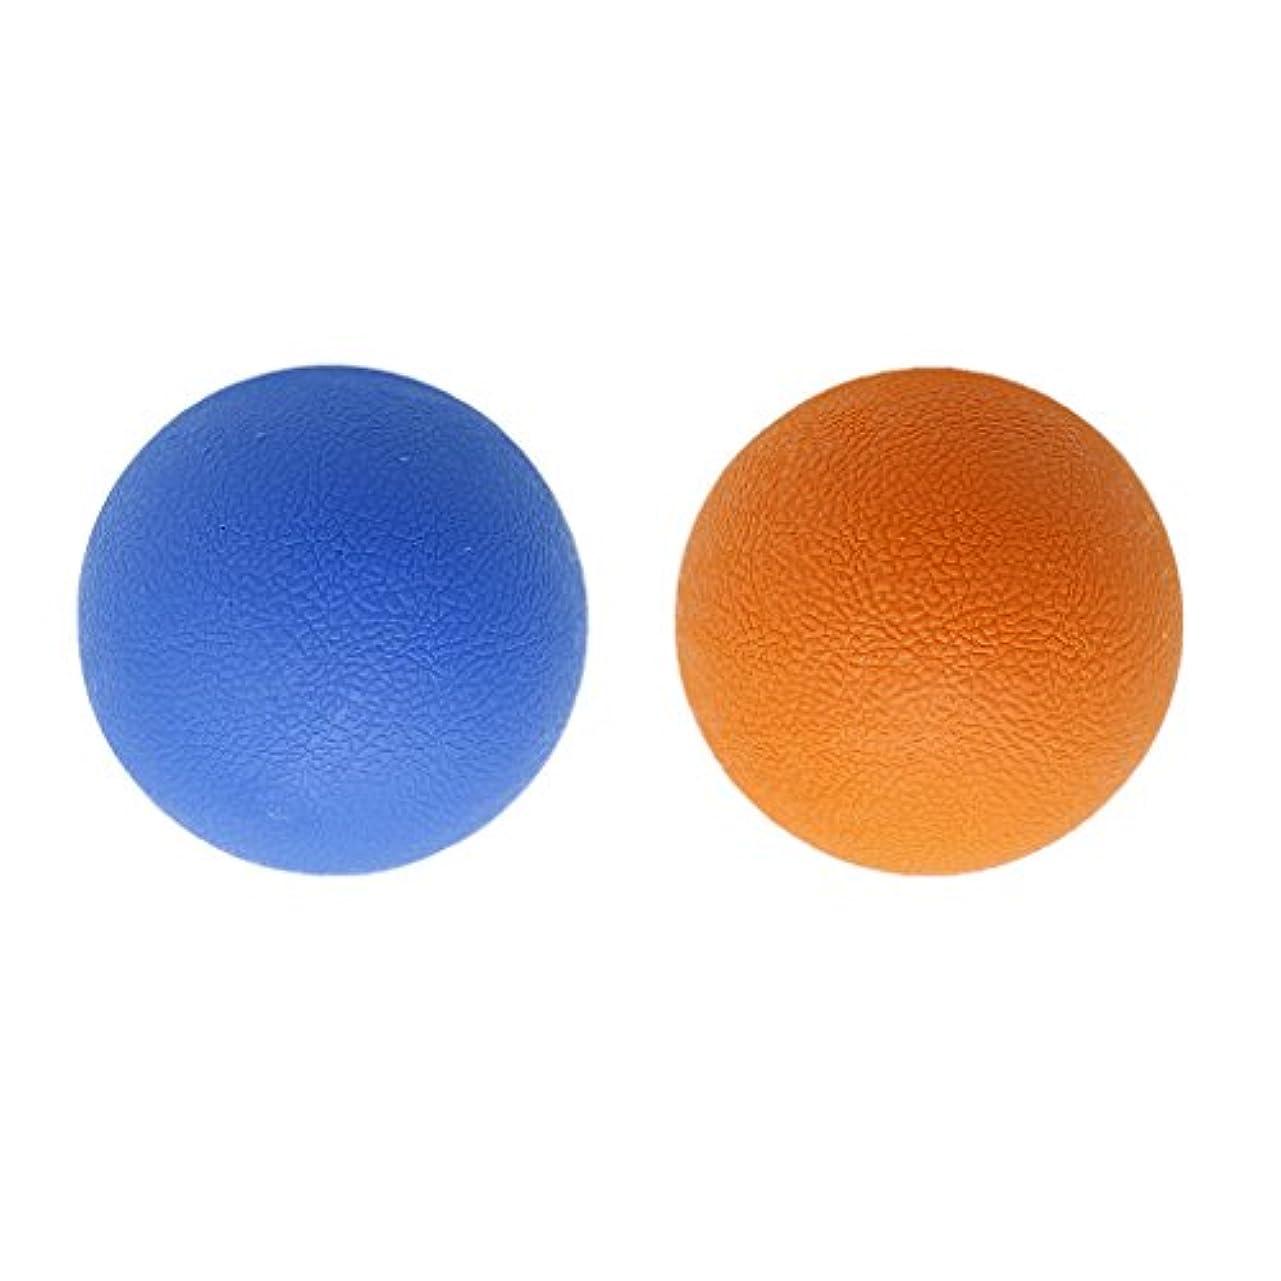 特徴づける北東メトロポリタンBaoblaze 2個 マッサージボール ラクロスボール トリガ ポイントマッサージ 弾性TPE 多色選べる - オレンジブルー